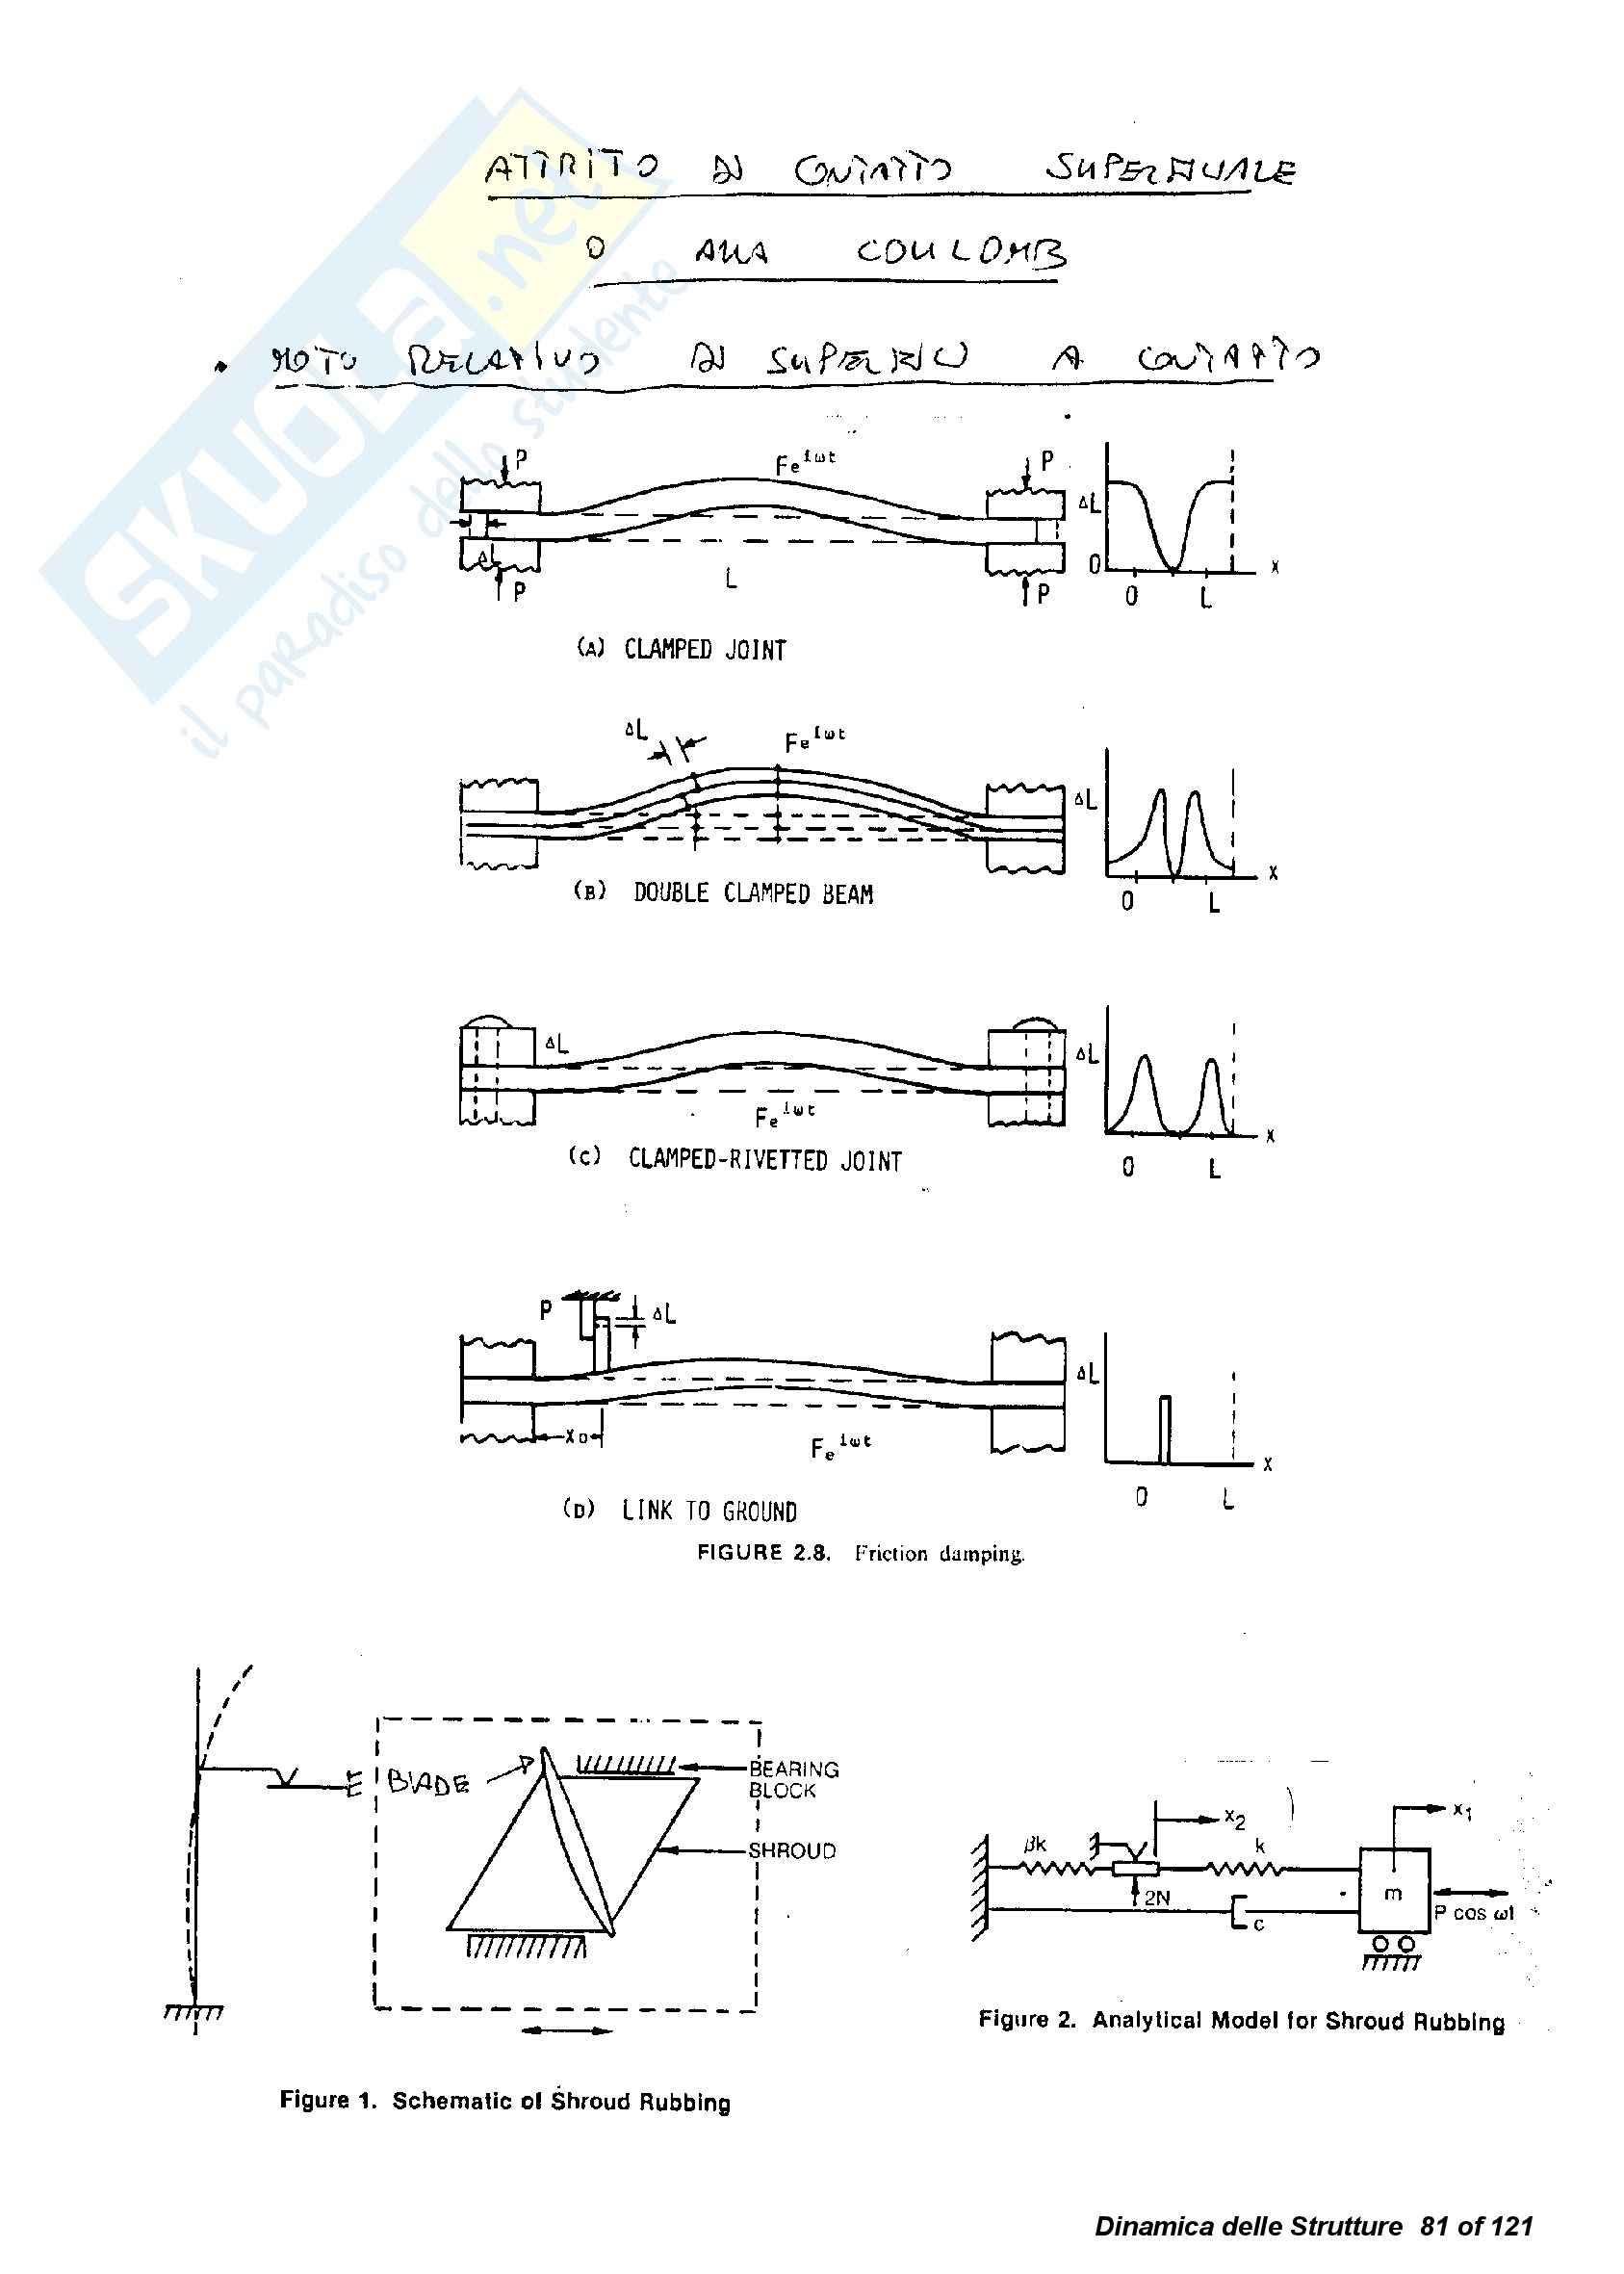 Costruzioni aeronautiche - dinamica delle strutture aeronautiche Pag. 81